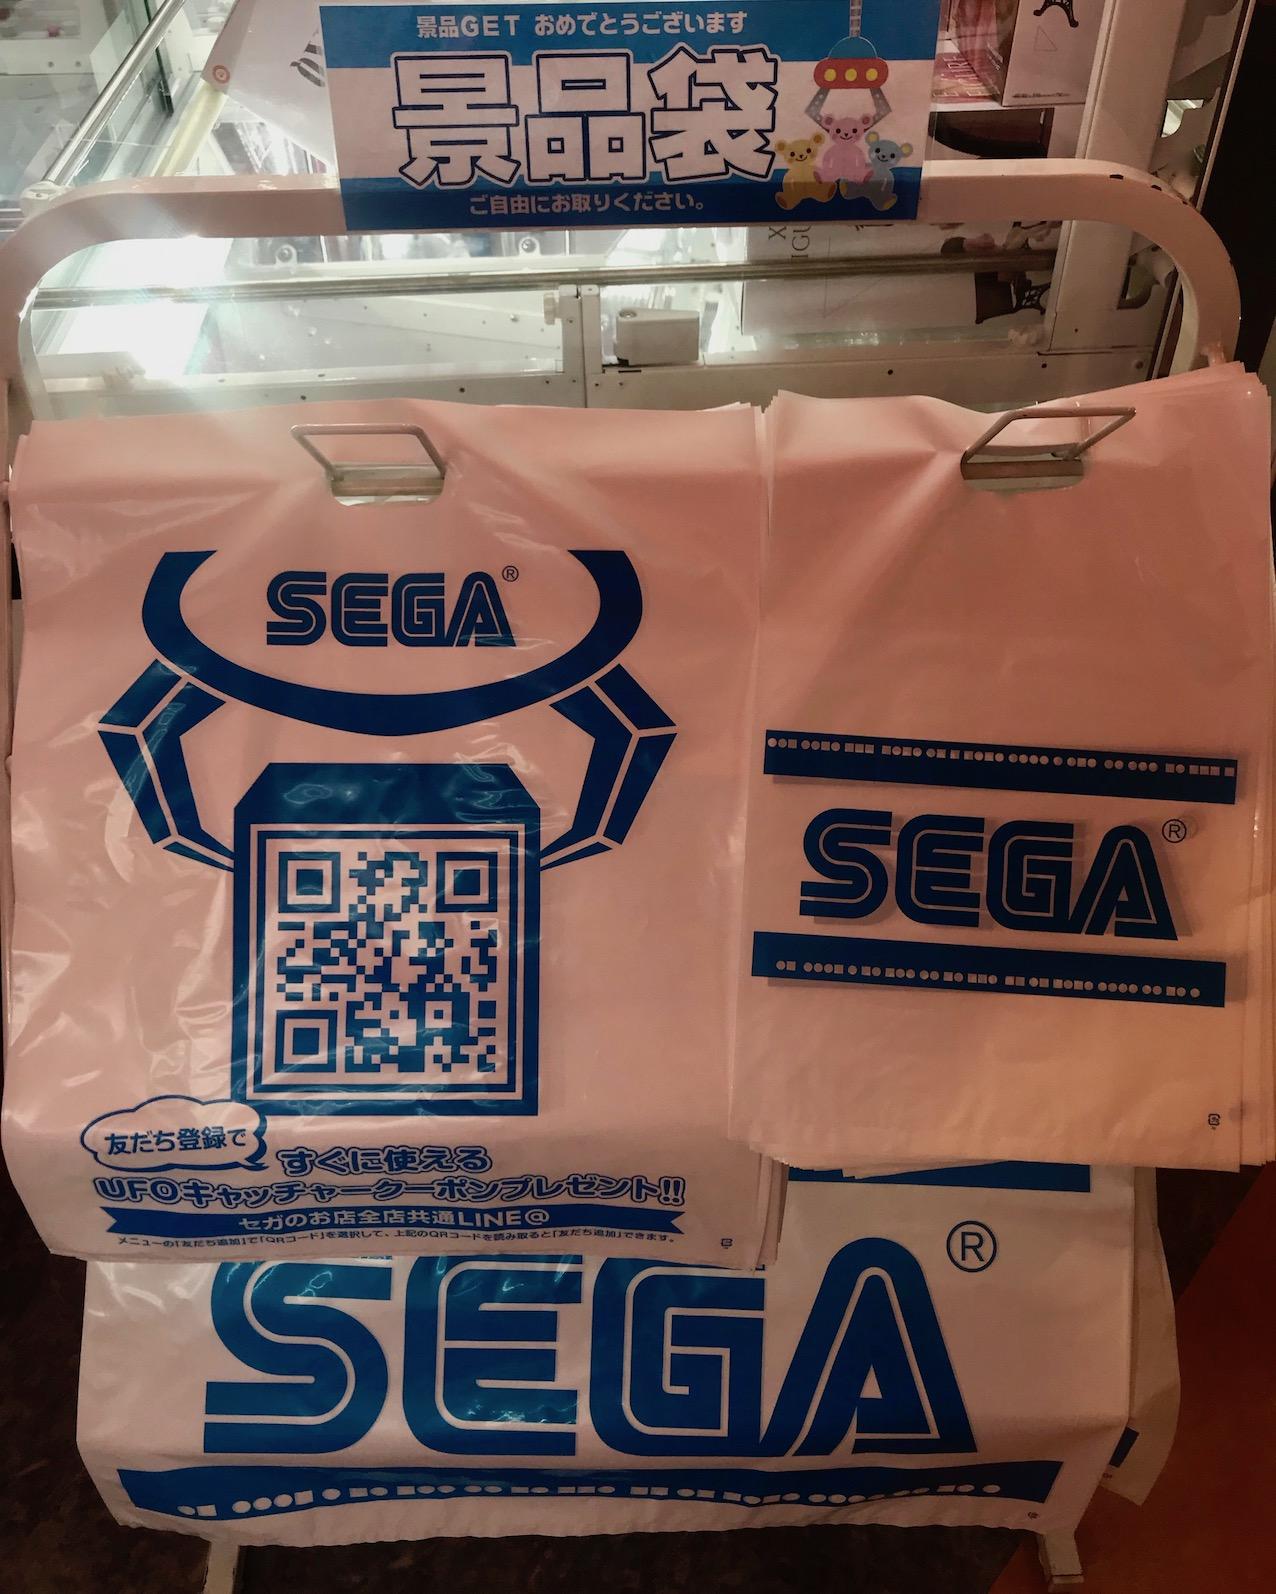 Free plastic bags Sega 1 Arcade Akihabara Tokyo